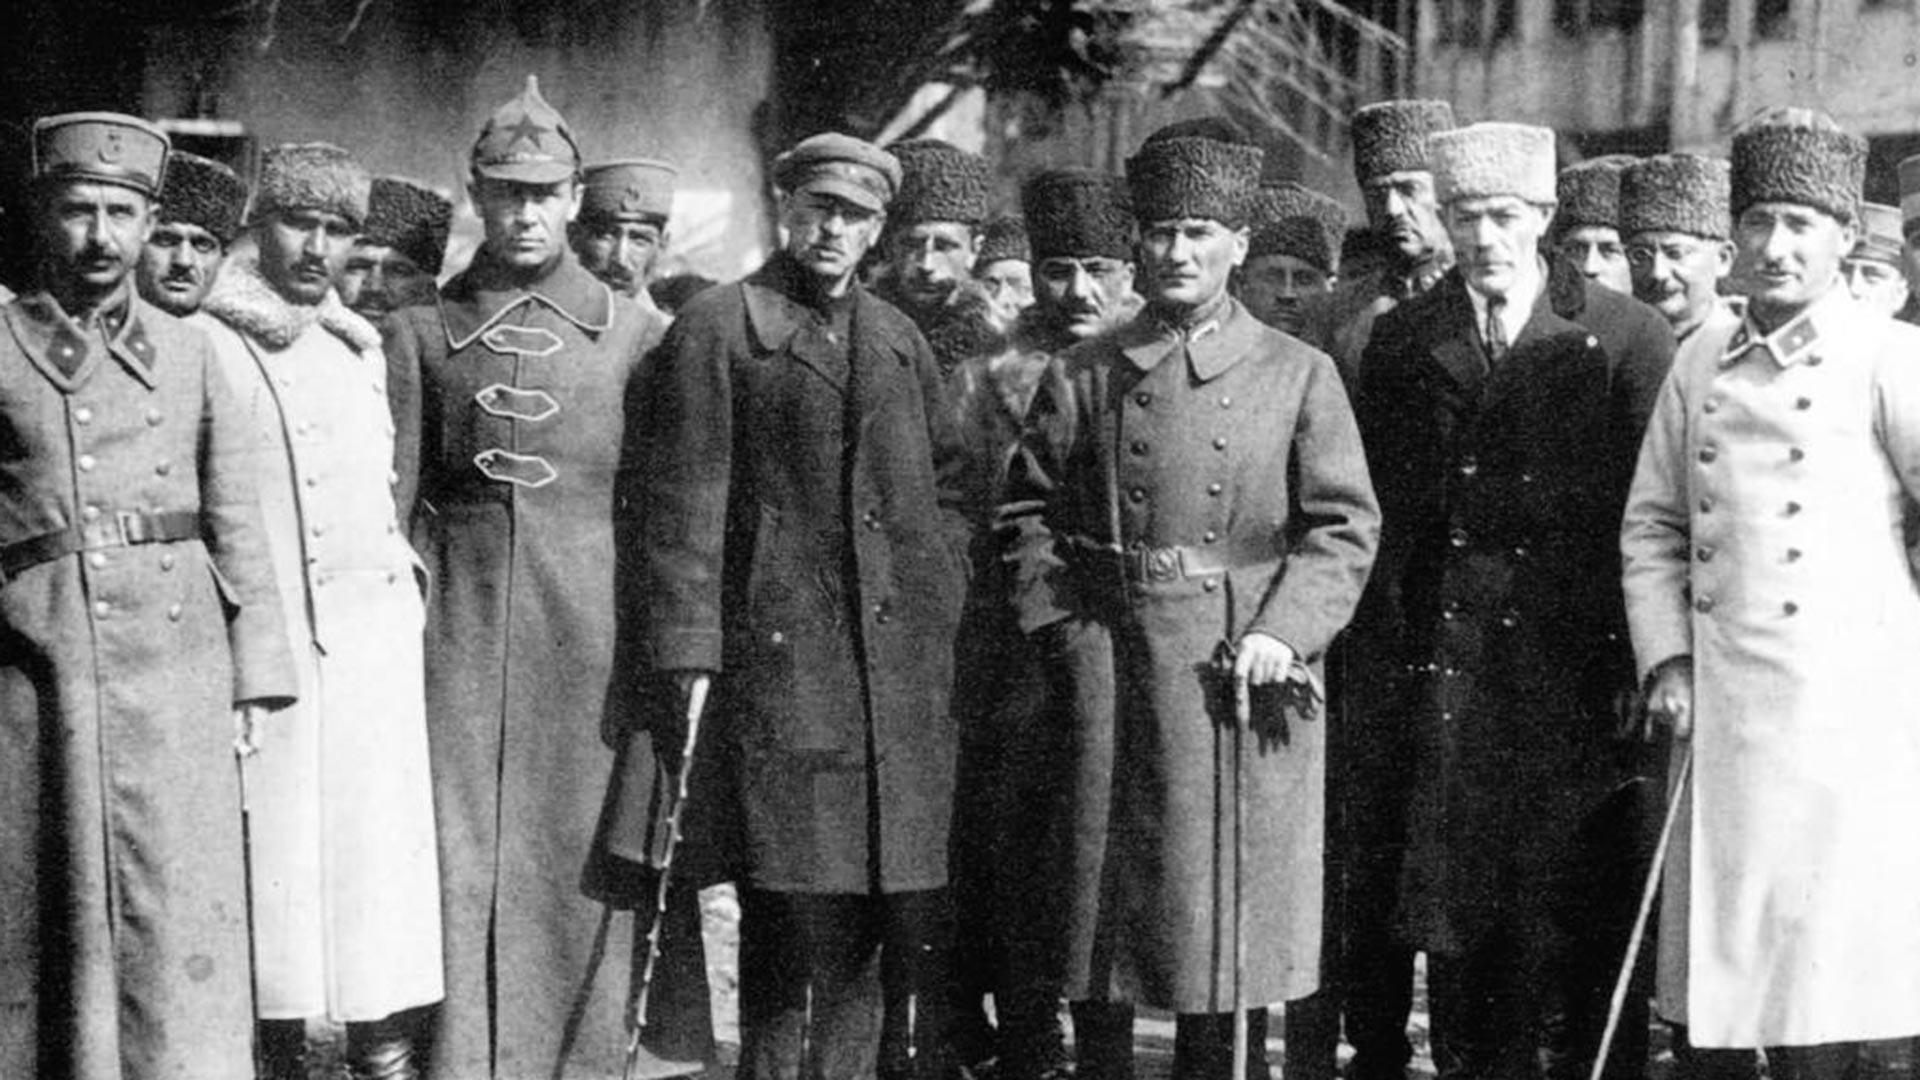 Војни саветници Радничко-сељачке Црвене армије и Мустафа Кемал Ататурк.